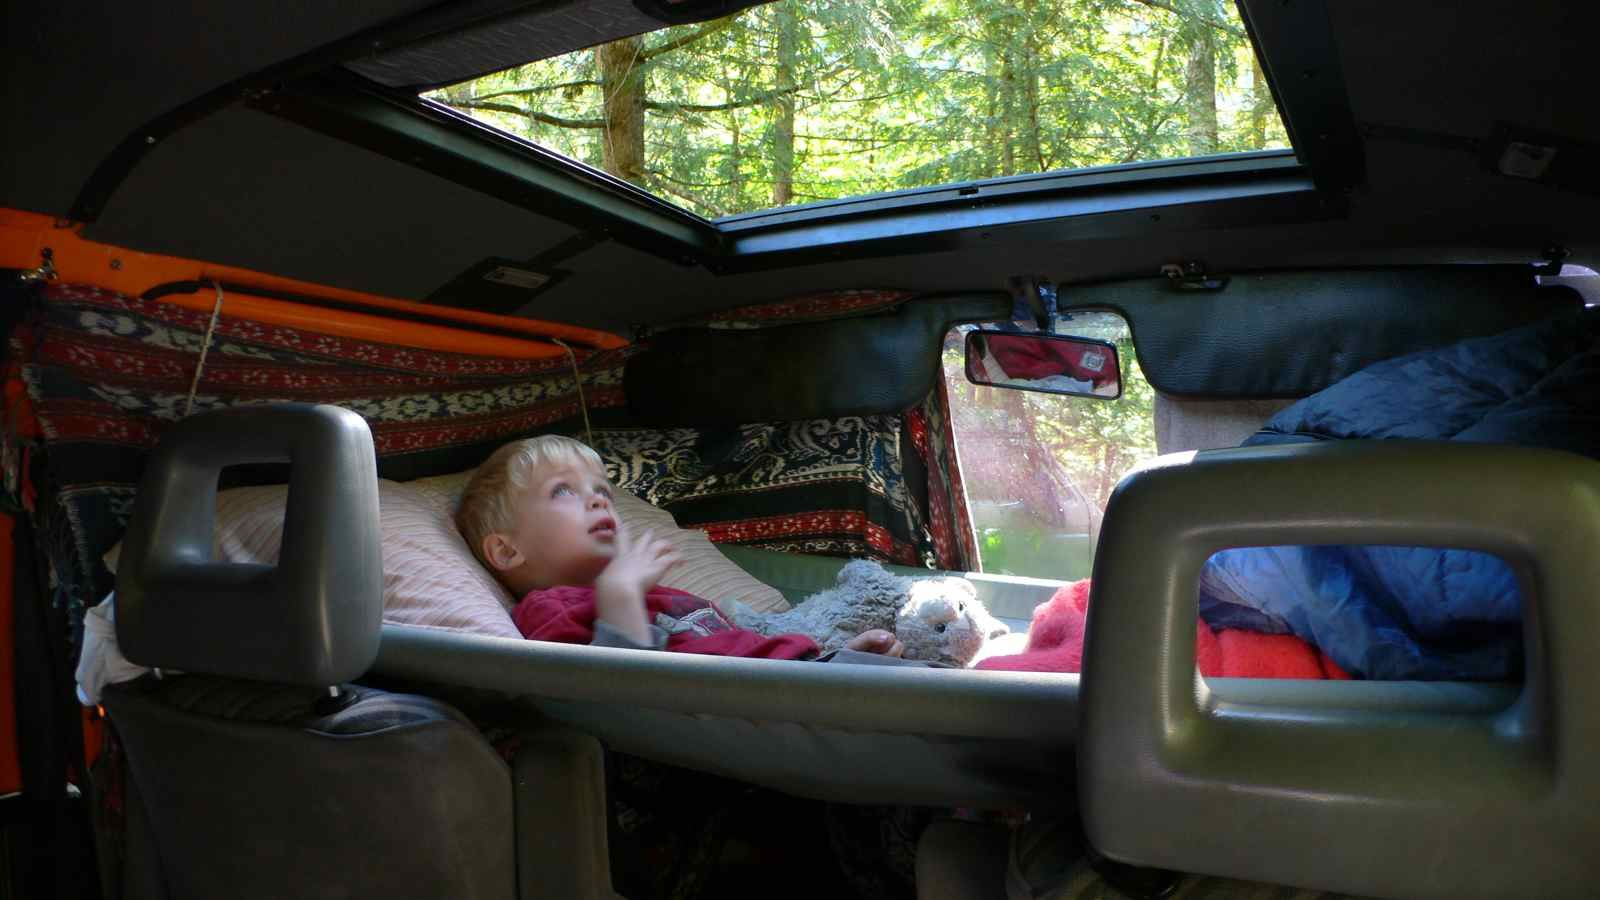 Sprinter Van Bunk Beds >> Hammock over driver's and passenger's seats   Camper Van ...